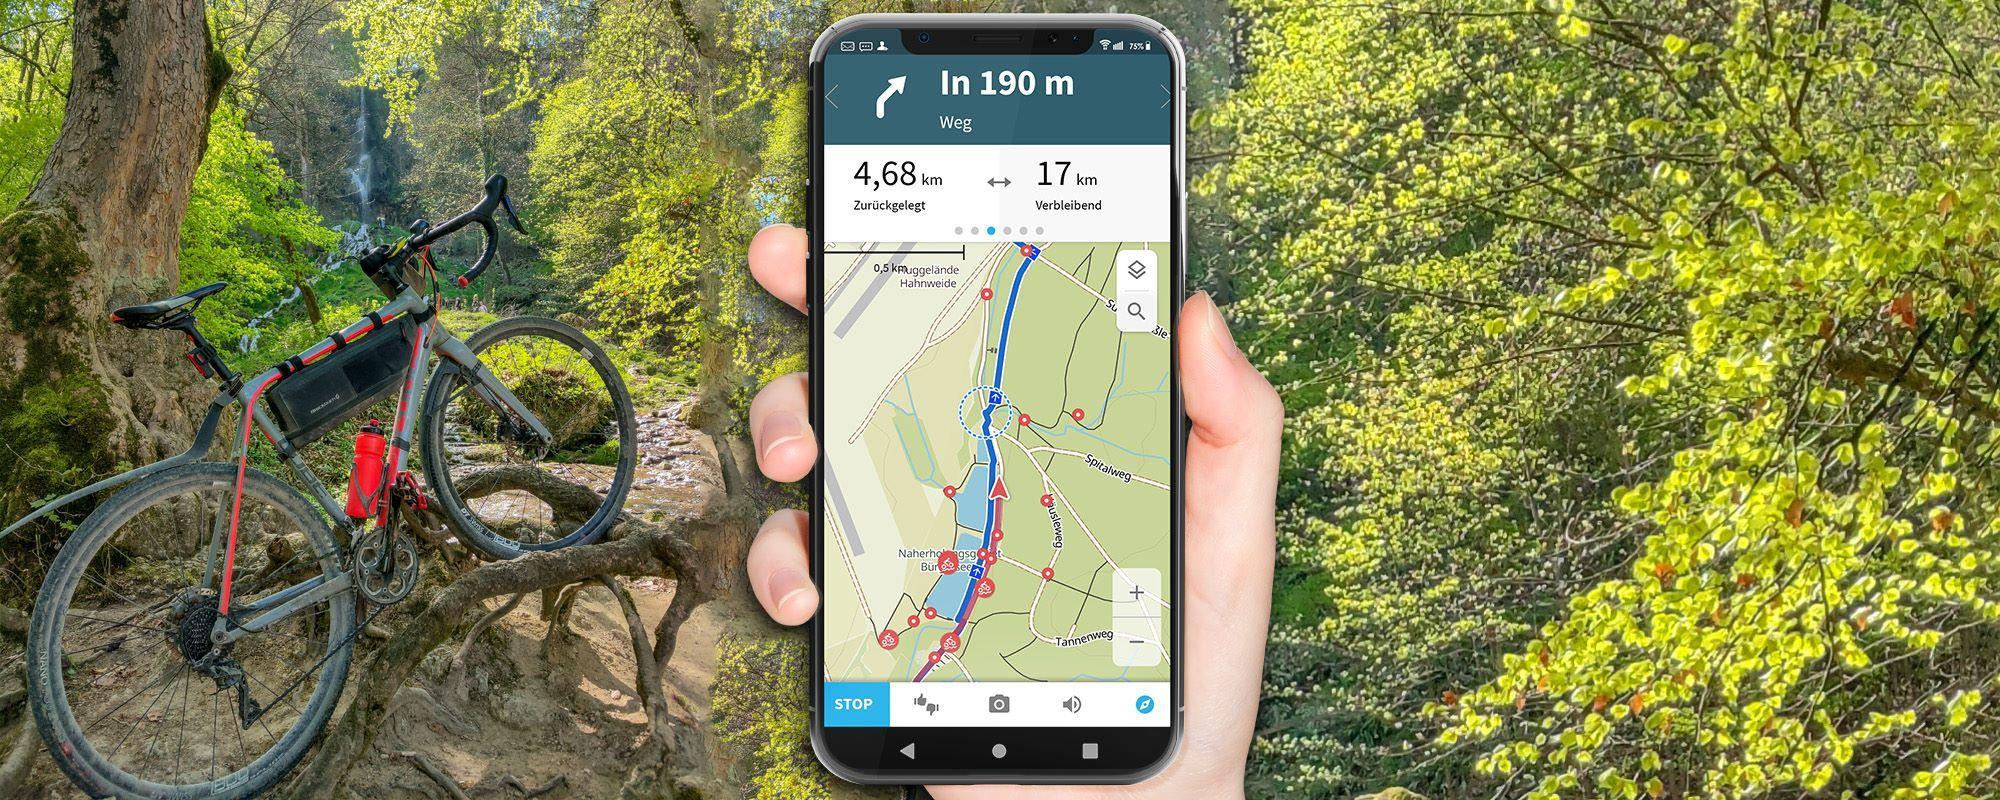 komoot Test - Navi App und Routenplaner im ausführlichen Praxistest (Vollständige Anleitung)